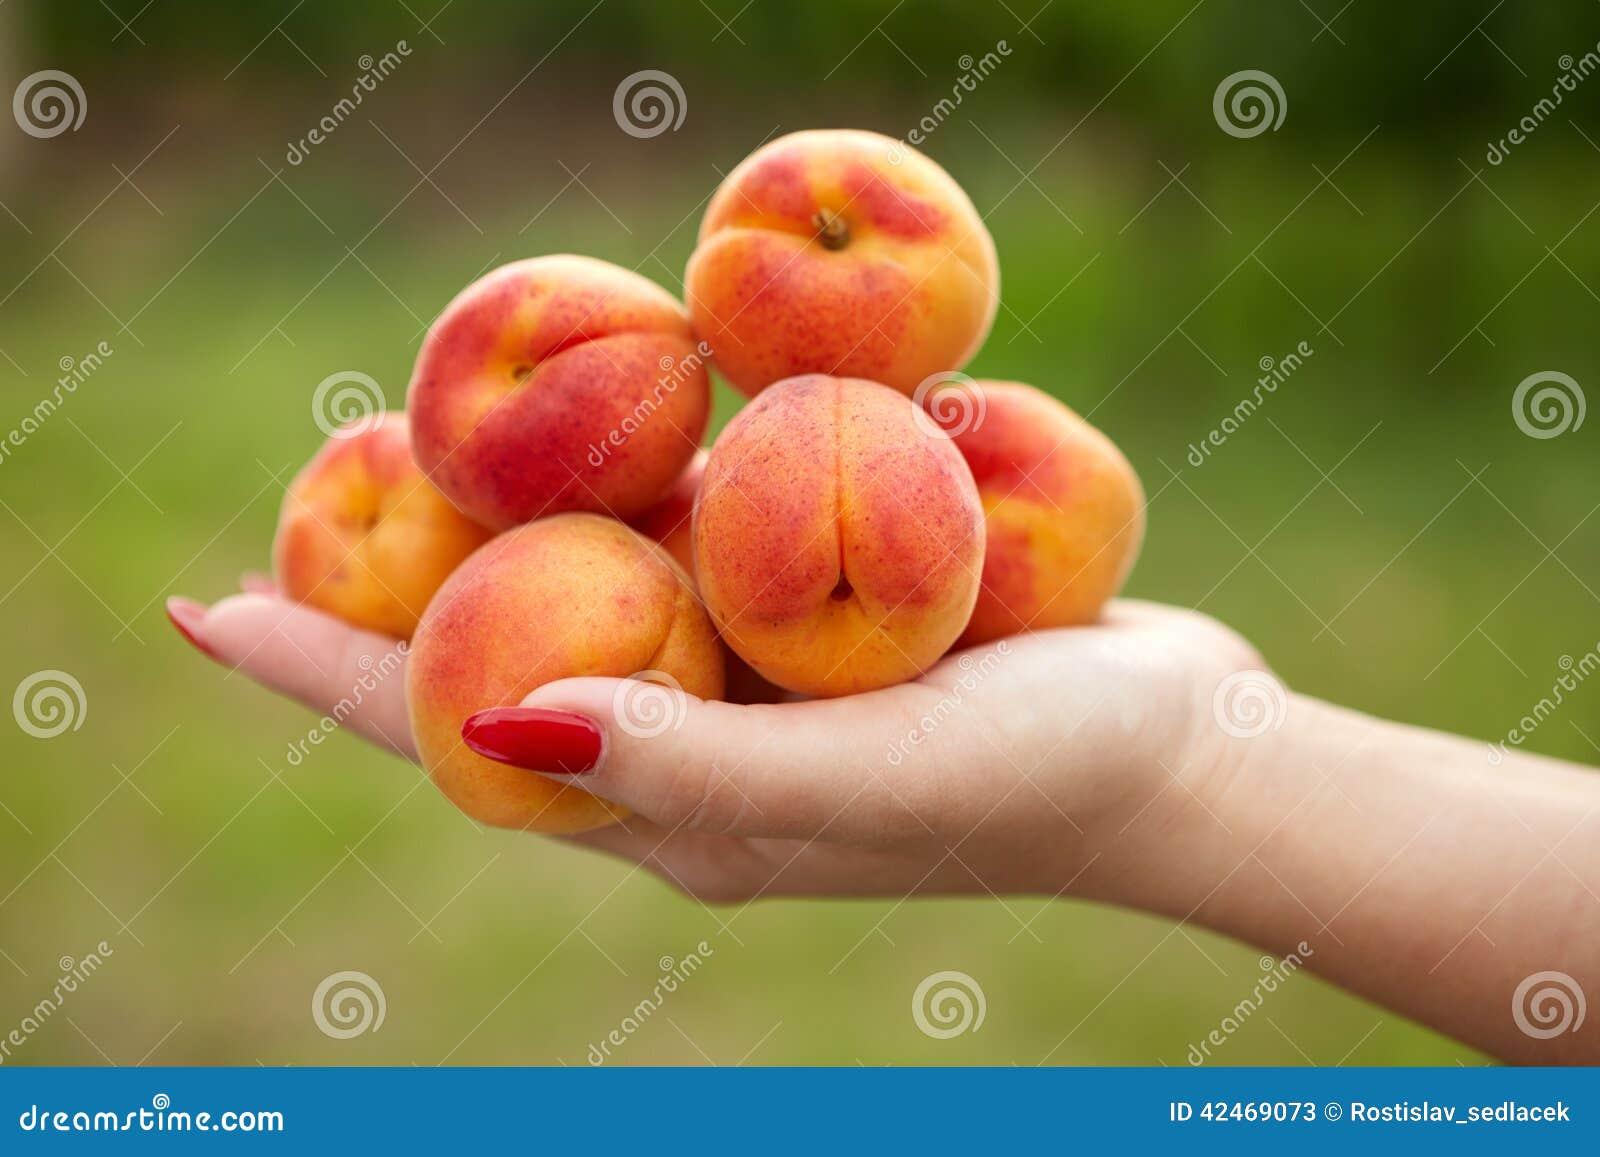 Weibliche Hand, die Aprikosen hält